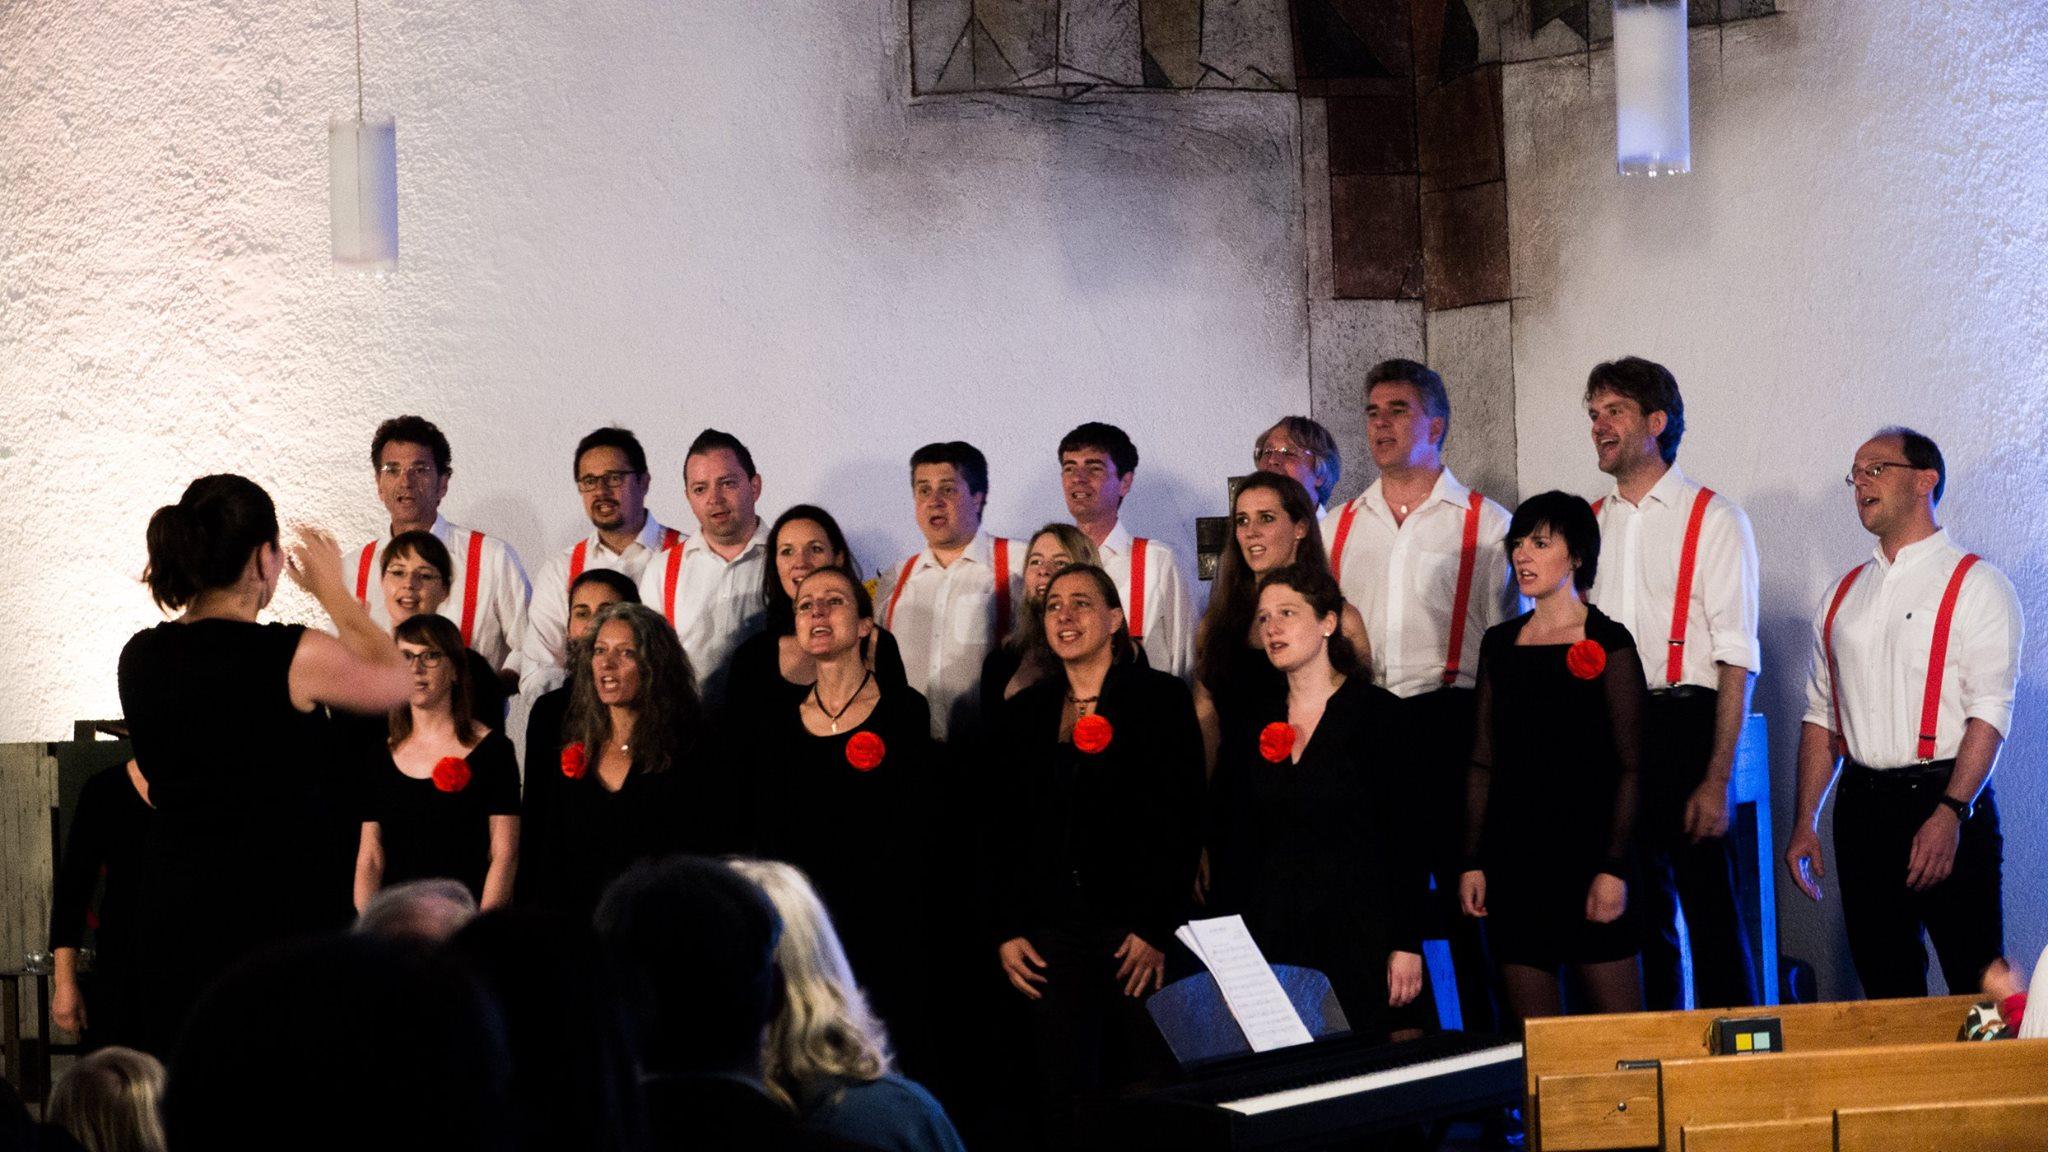 Chornetto München beim Konzert am 16.7.2016